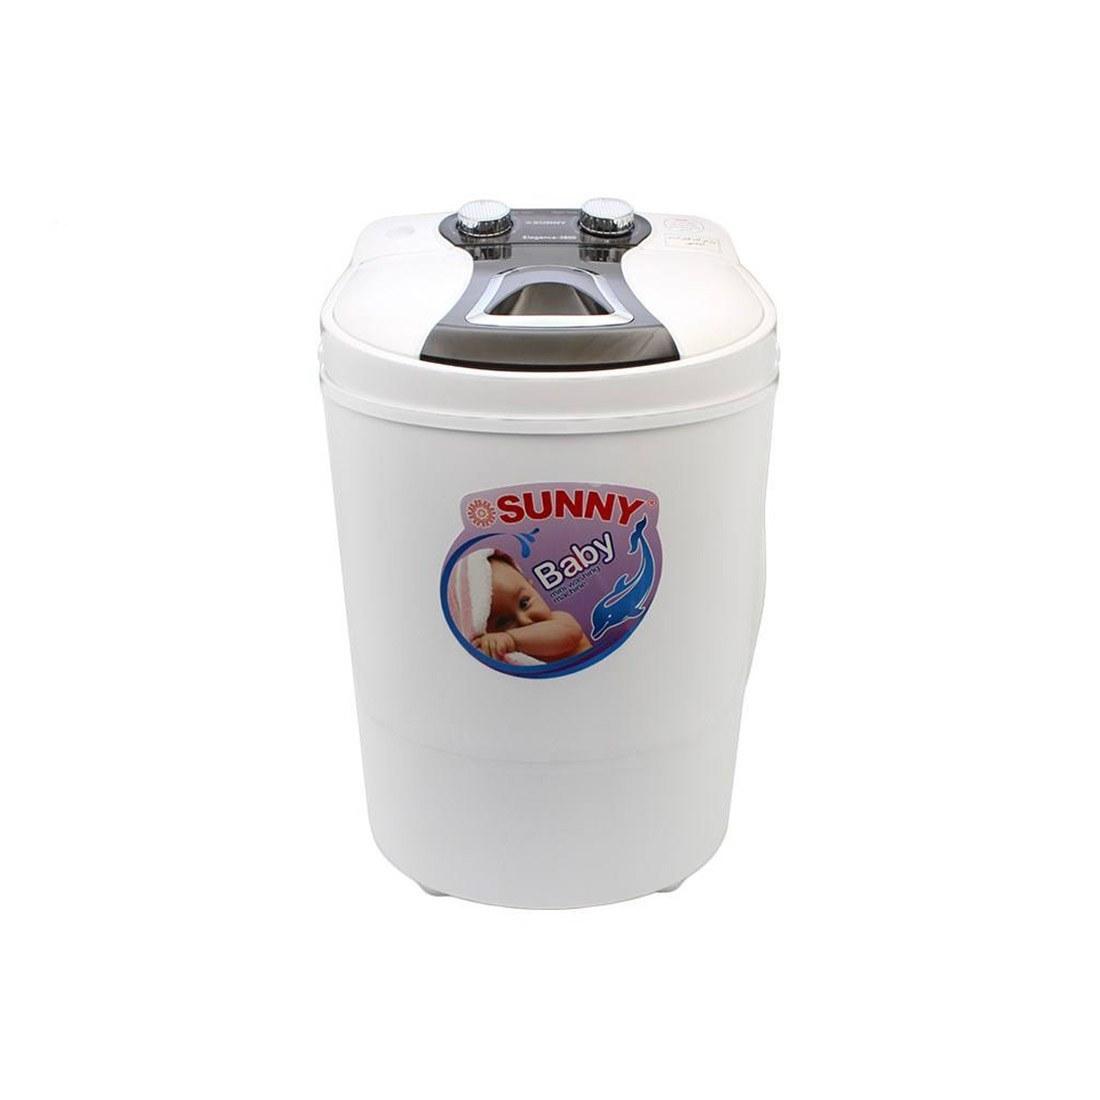 تصویر مینی واش 3800 سانی ا Mini Wash 3800 Sunny Mini Wash 3800 Sunny